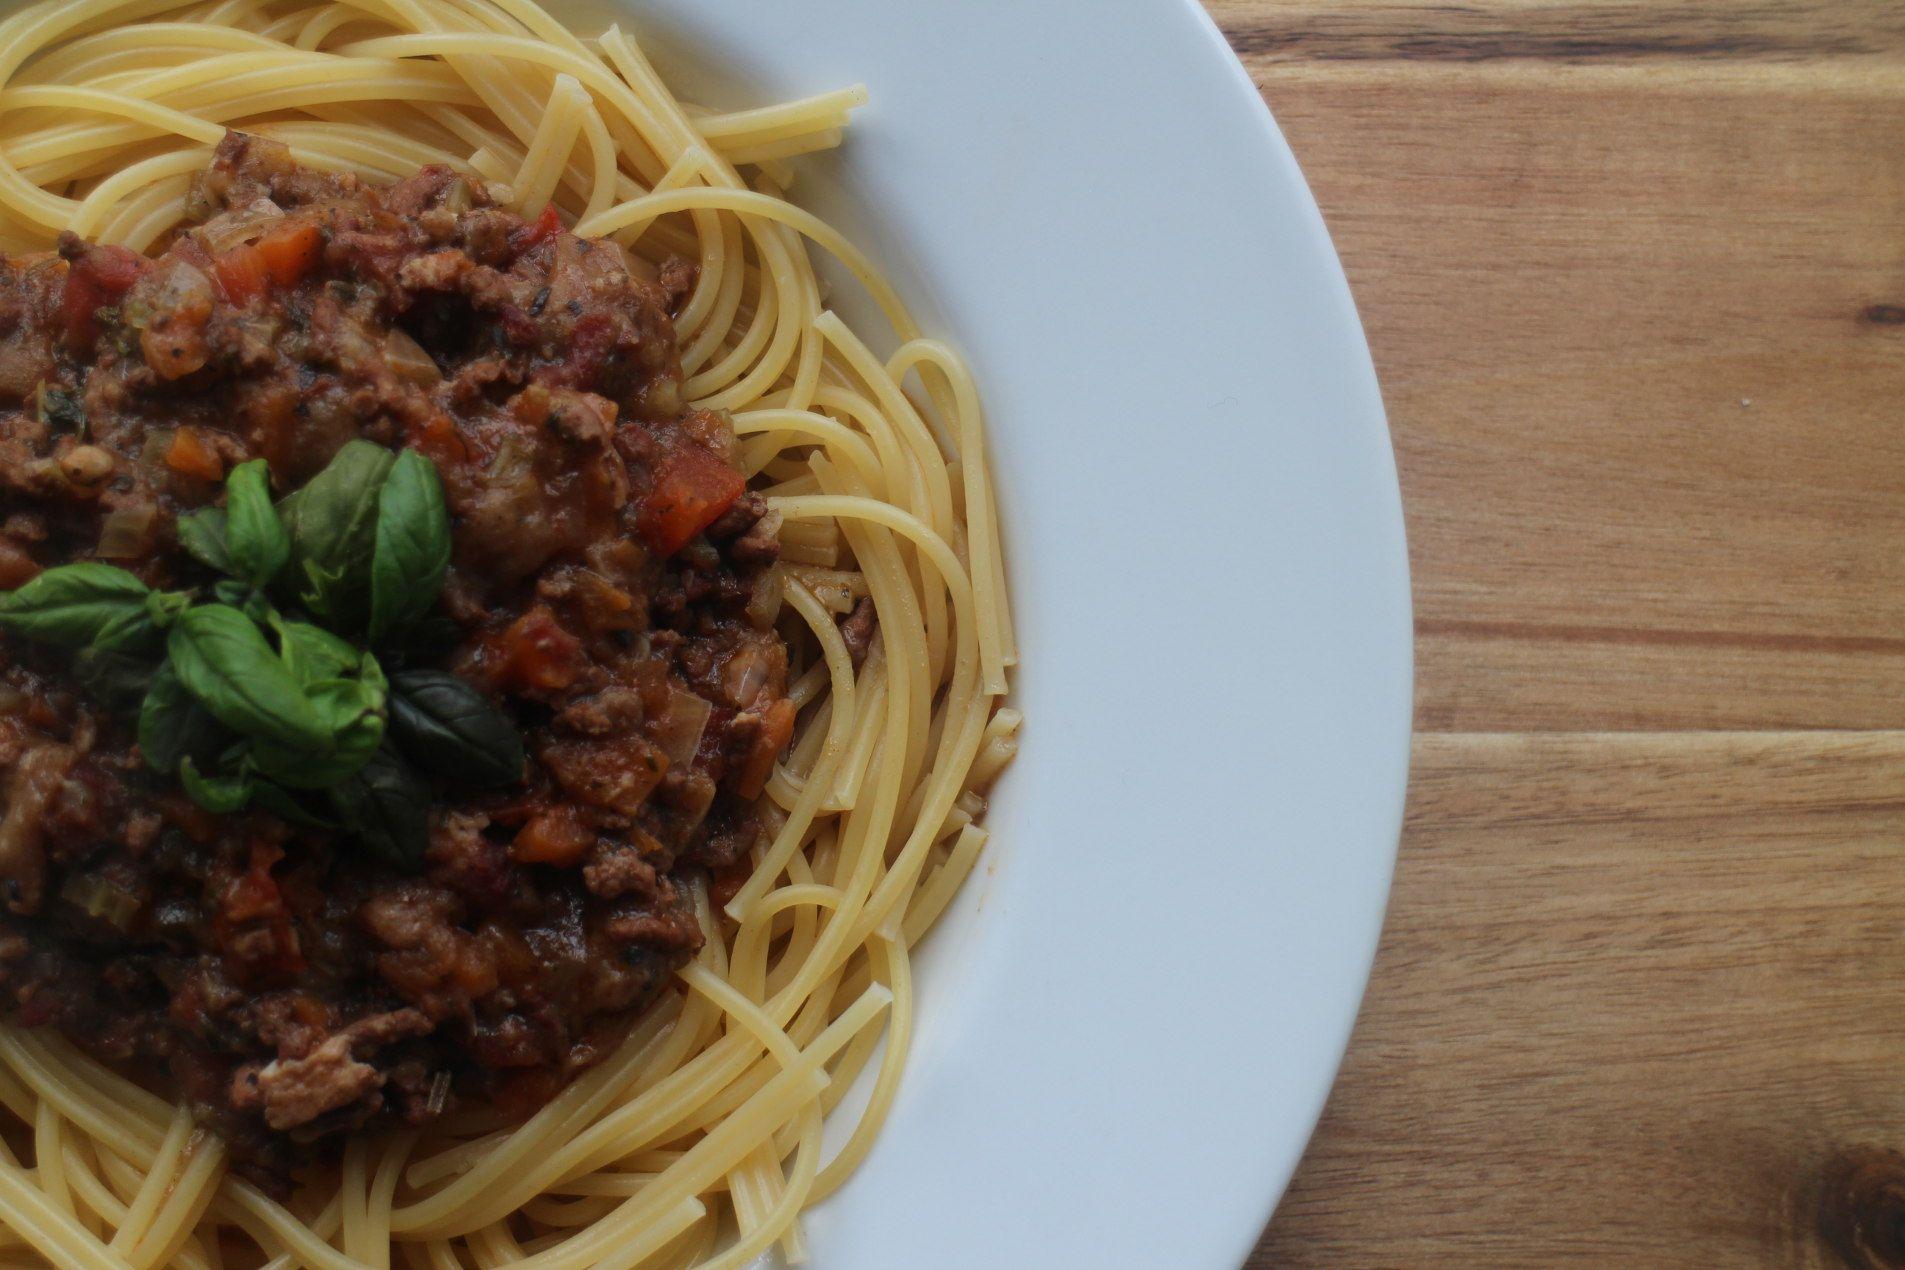 Spaghetti Bolognese Eller Pasta Bolognese Afhaengig Af Hvilken Type